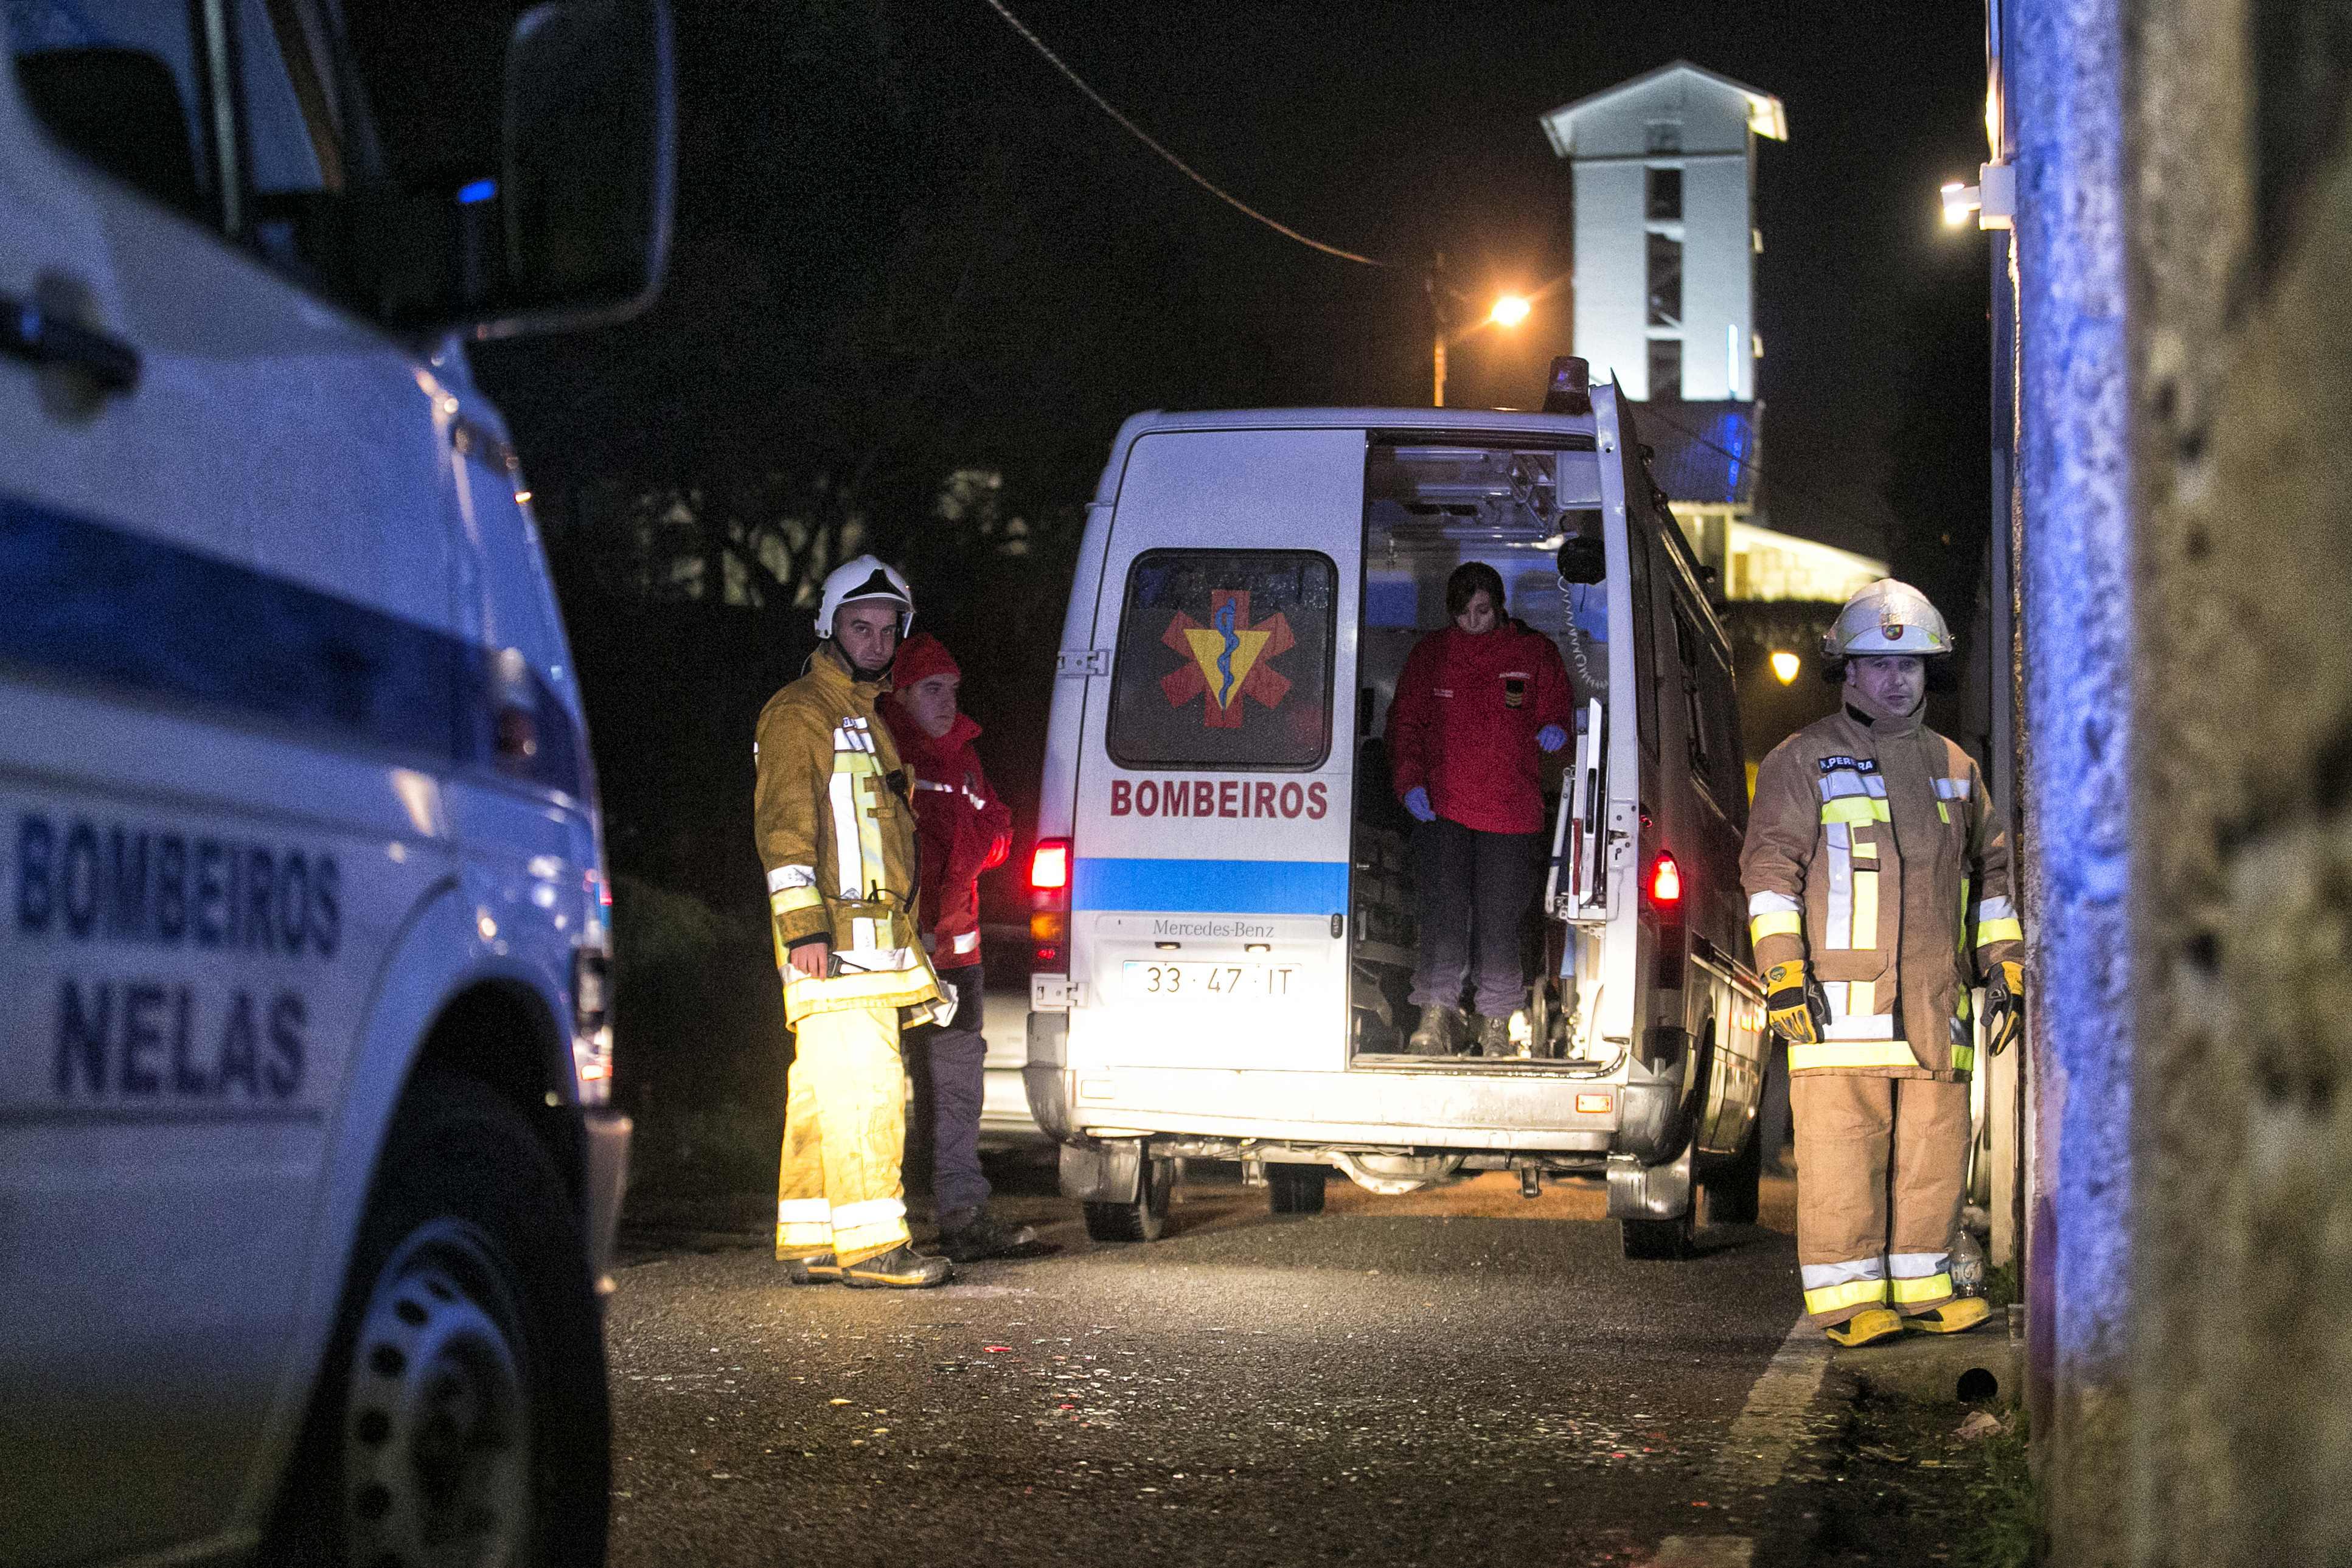 نقل المصابين فى حريق بالبرتغال